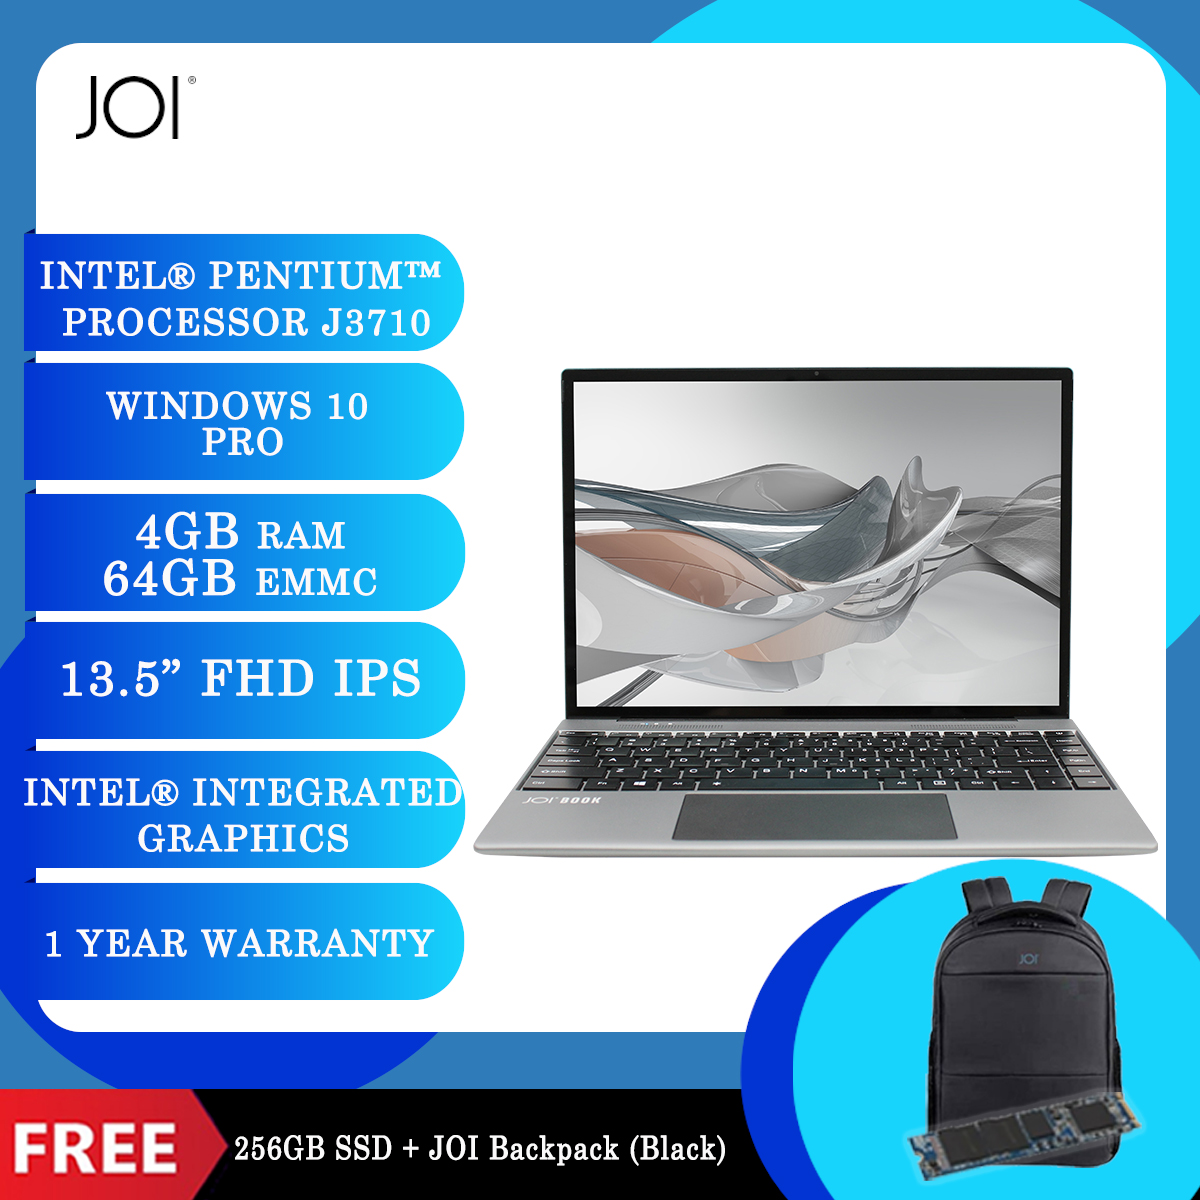 """JOI Book 200 Pro (Pentium J3710,4GB,64GB,13.5"""",W10Pro,GRY) + Free 256GB SSD + JOI Backpack Black [BPPJOI0200GBLK]"""